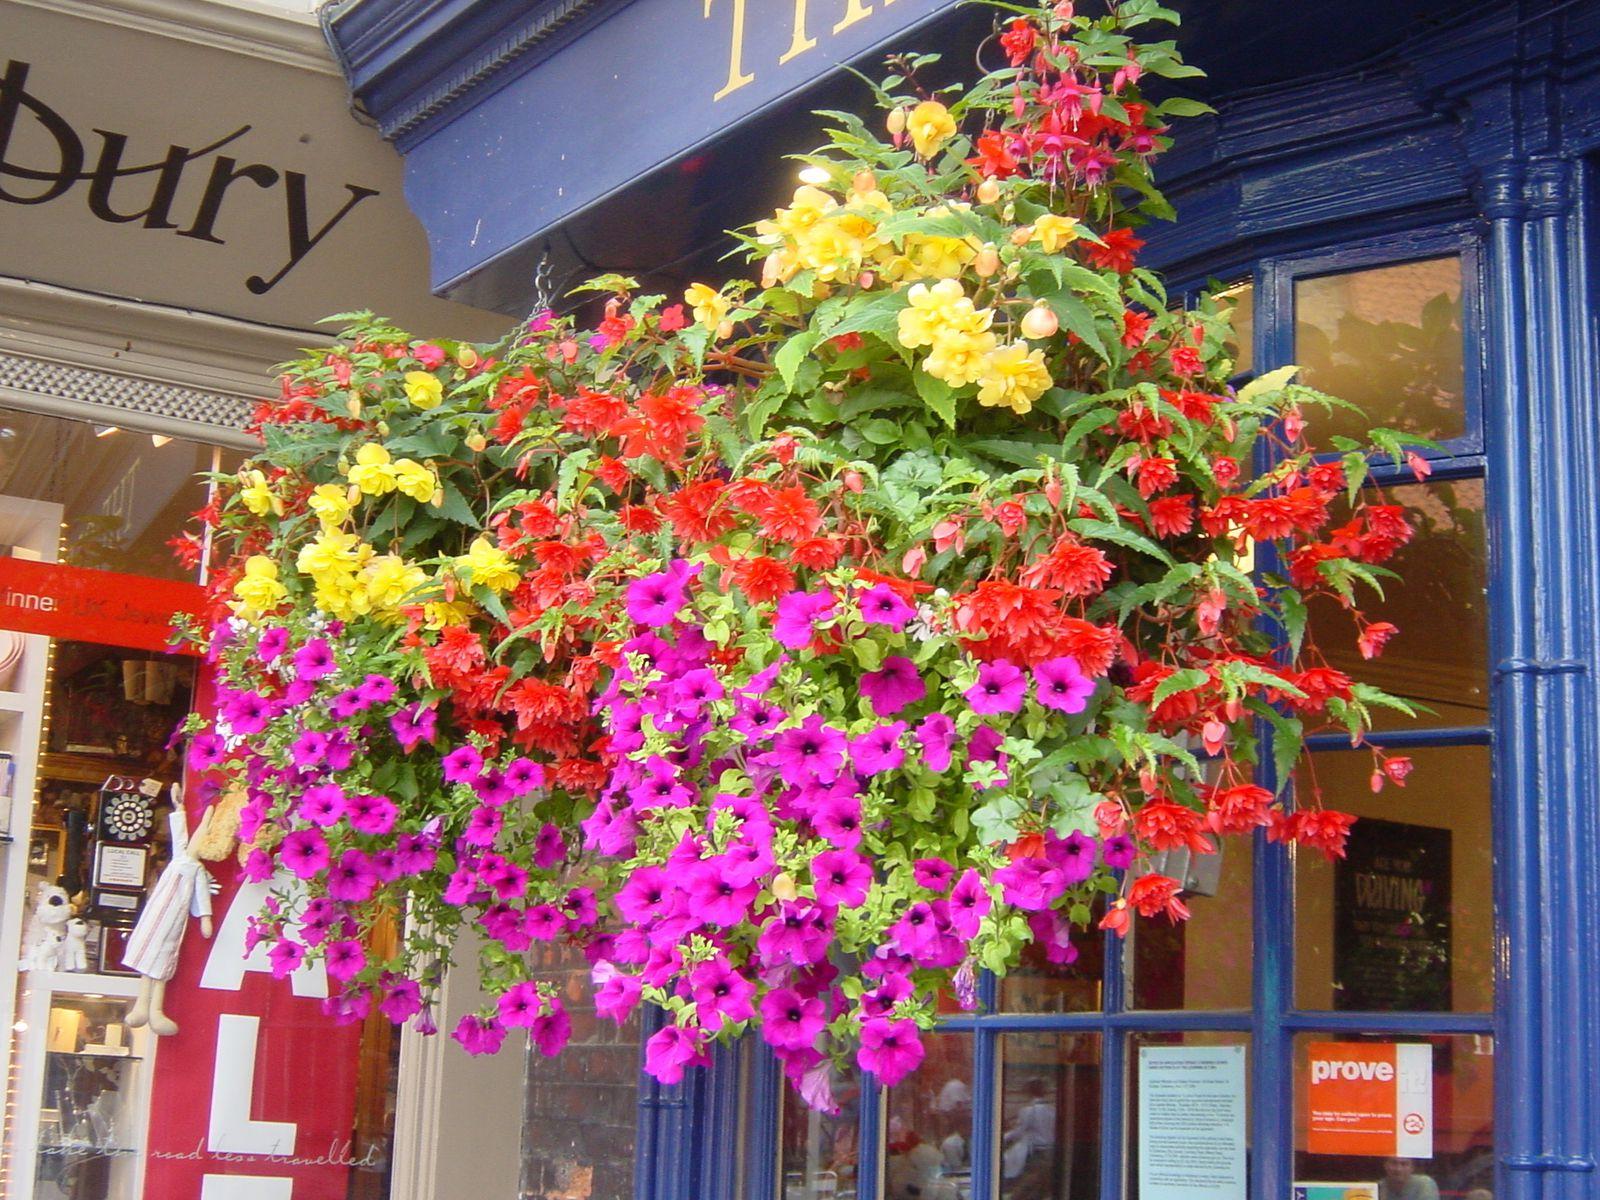 Les 3 photos du magasin ont été prises dans le Kent (GB).